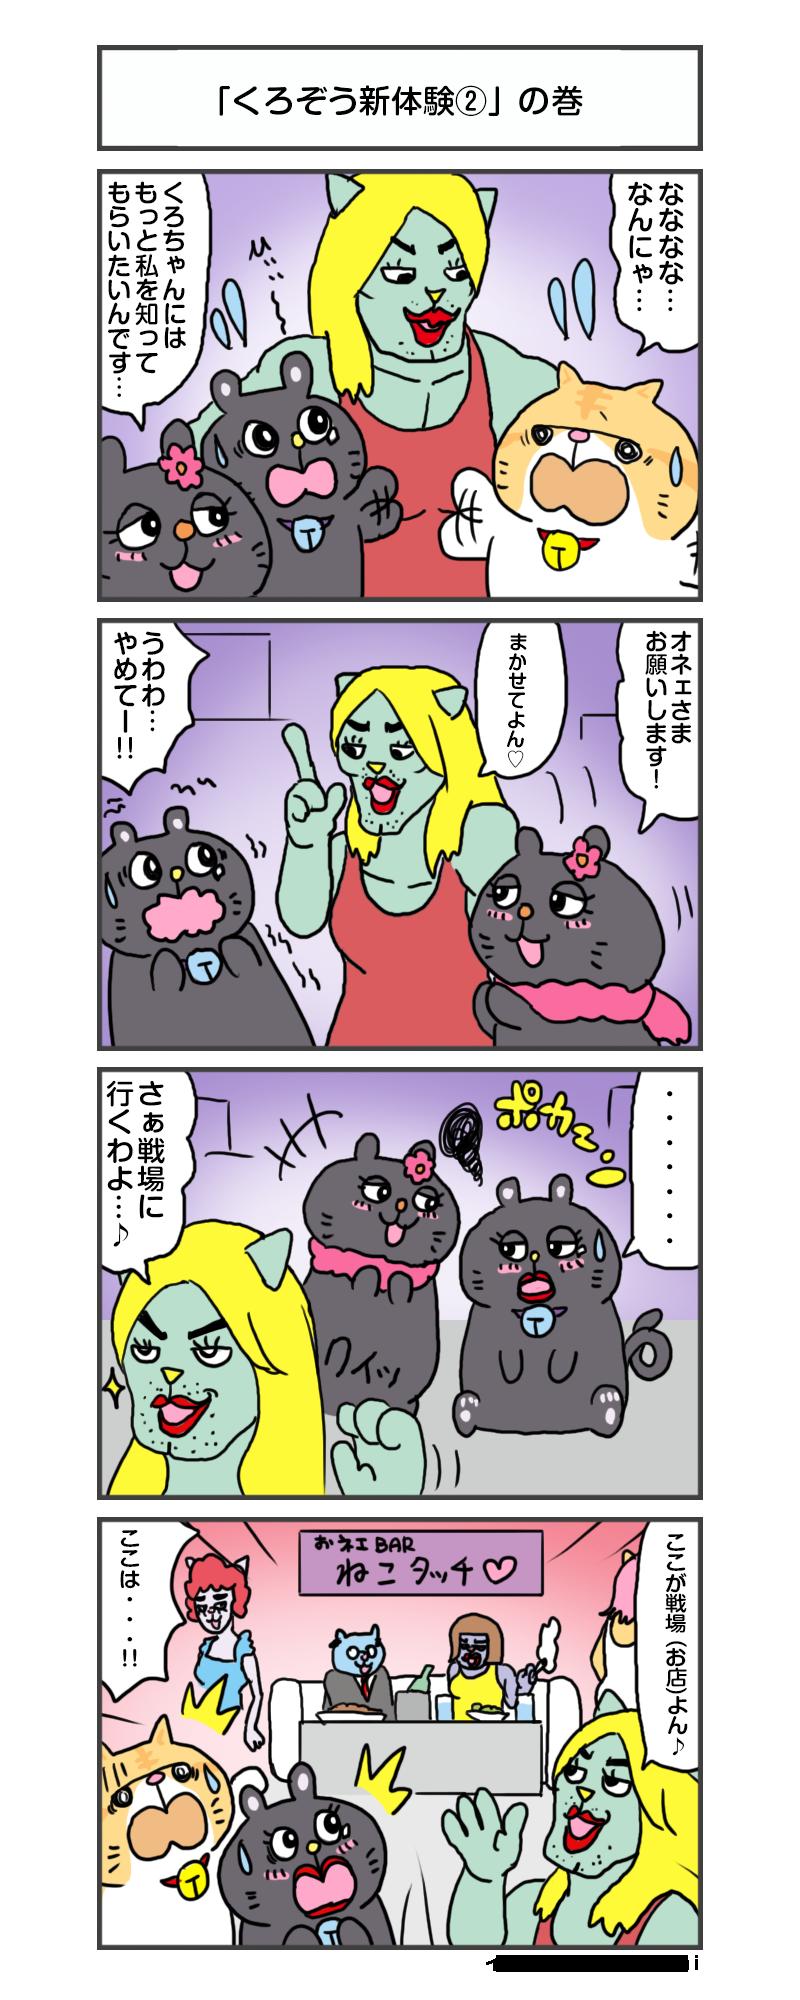 縺医″縺昴y縺・anga_vol.206